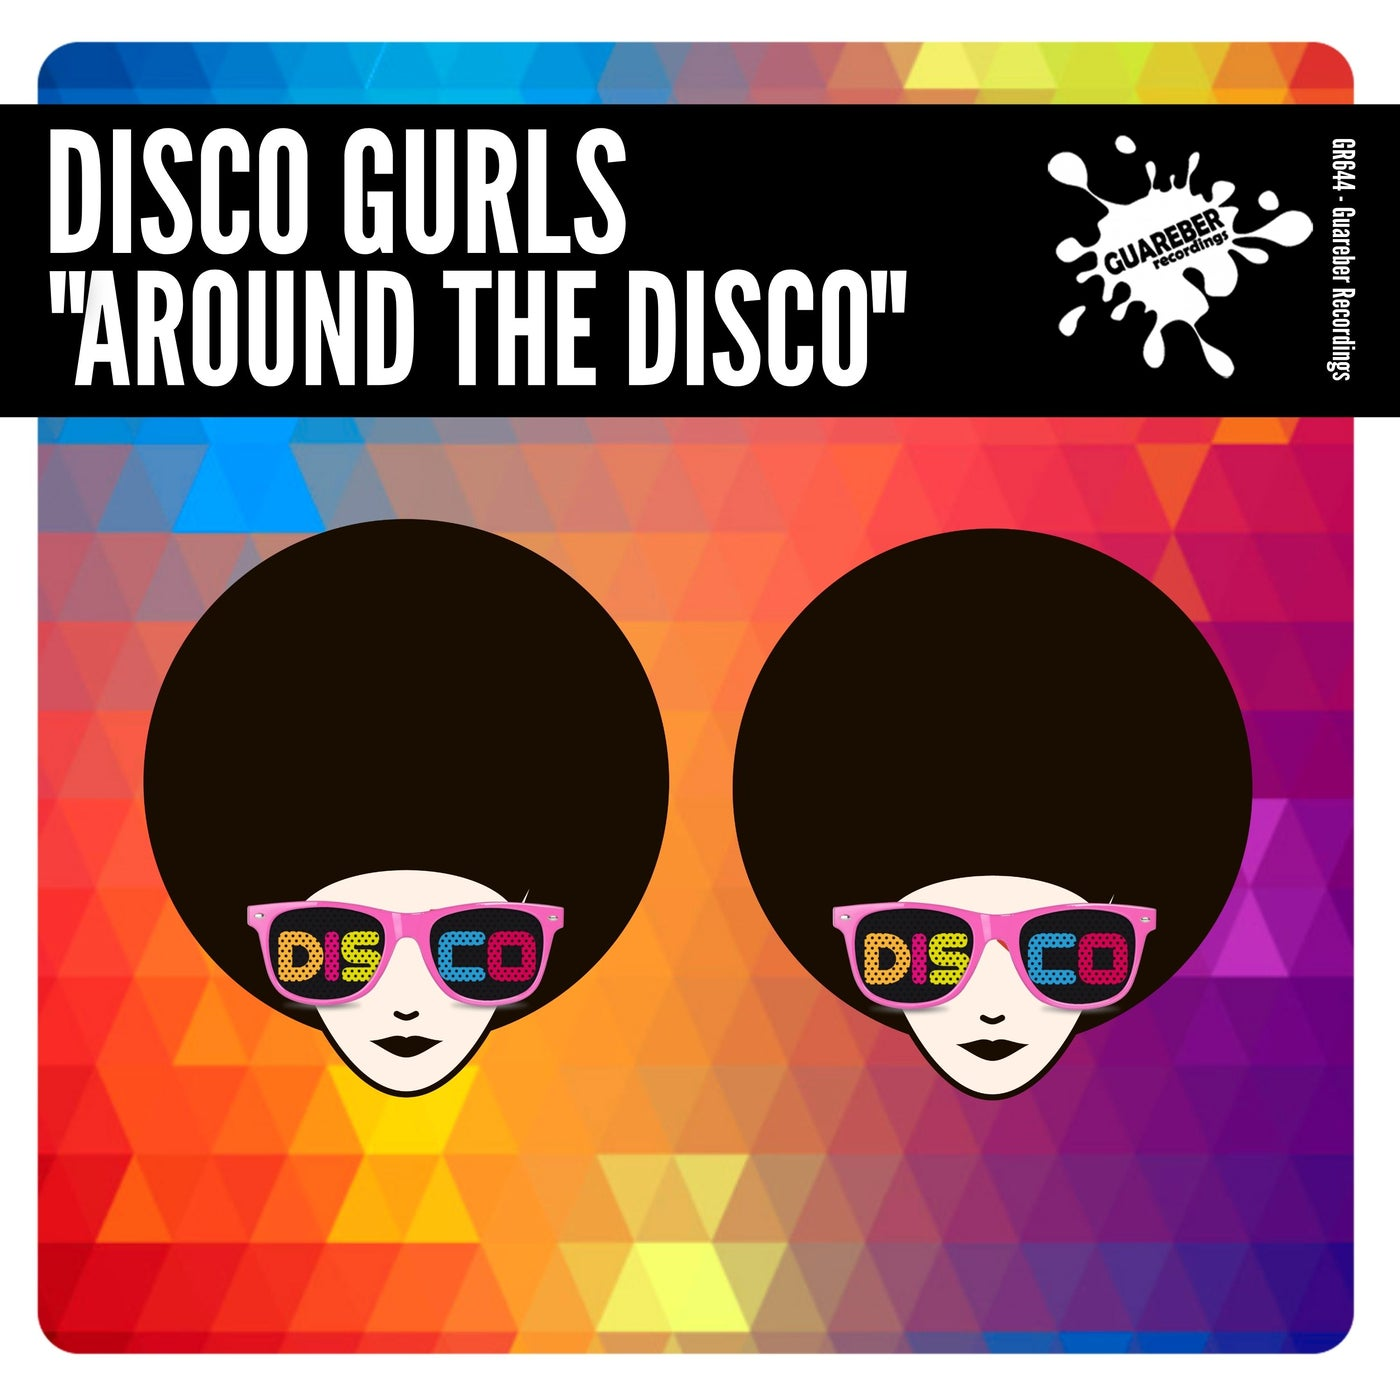 Around The Disco (Original Mix)